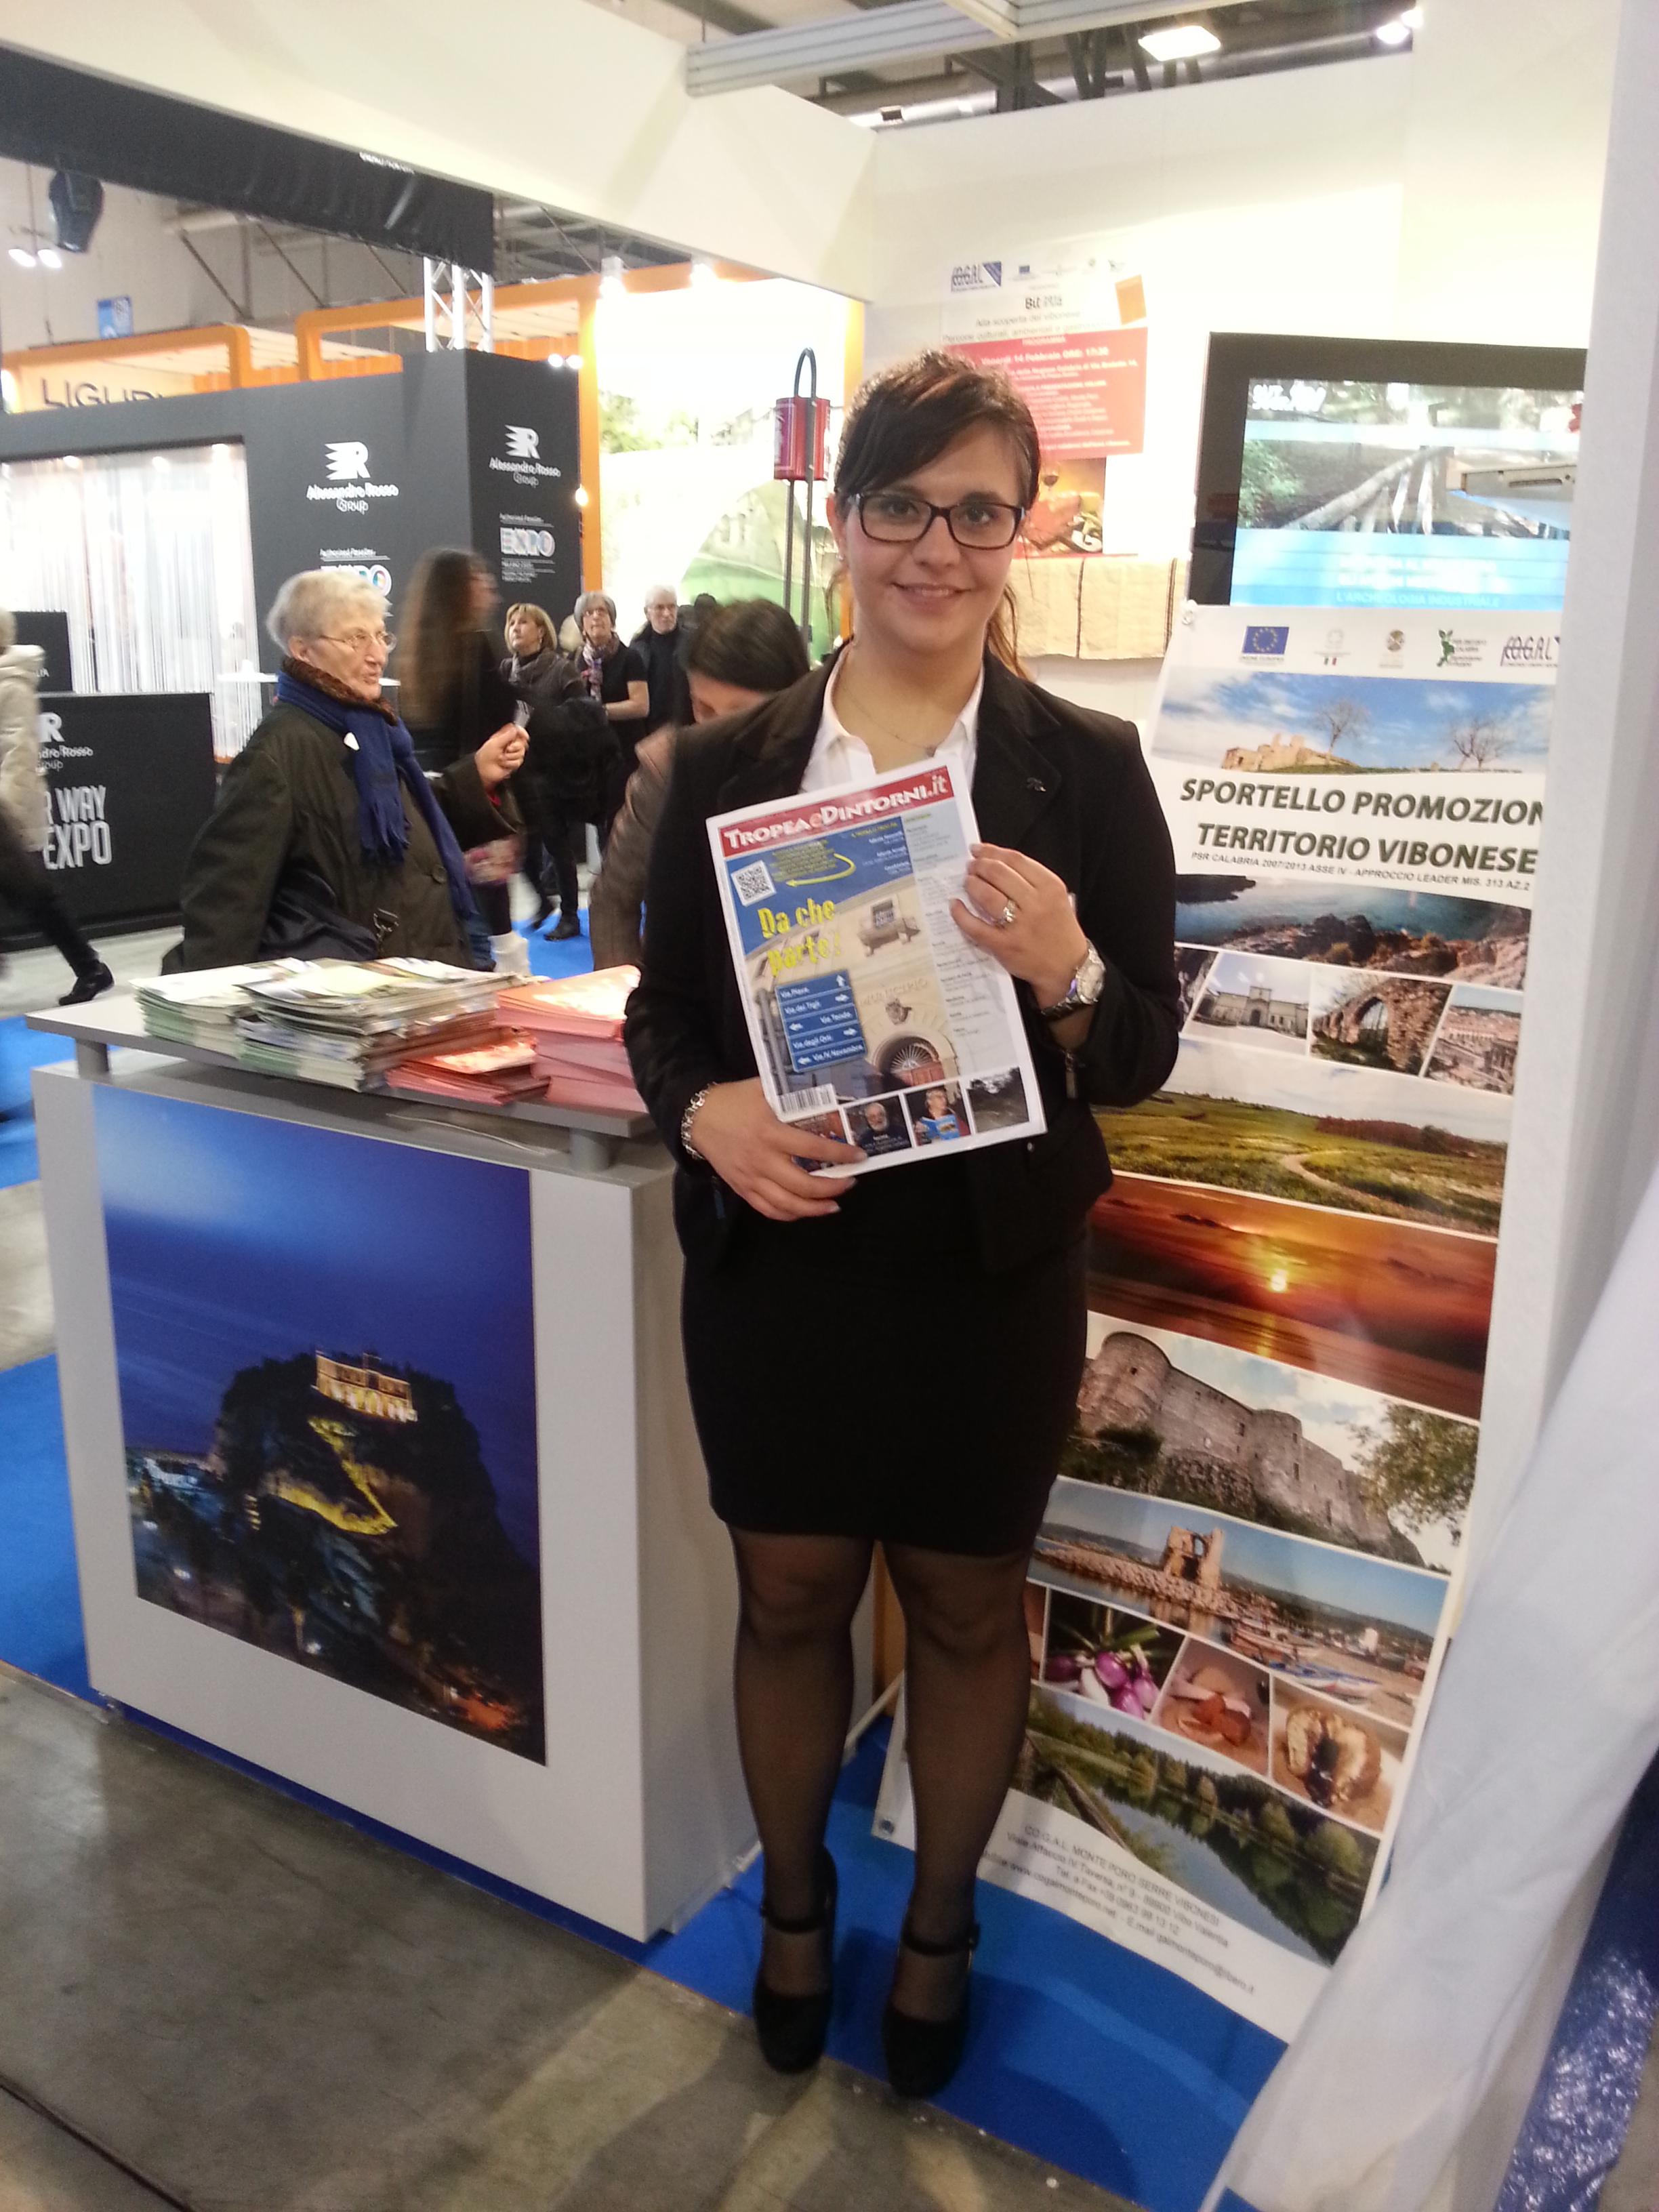 Stand CO.G.A.L. Monte Poro Serre Vibonesi che promuove il territorio Vibonese alla BIT 2014